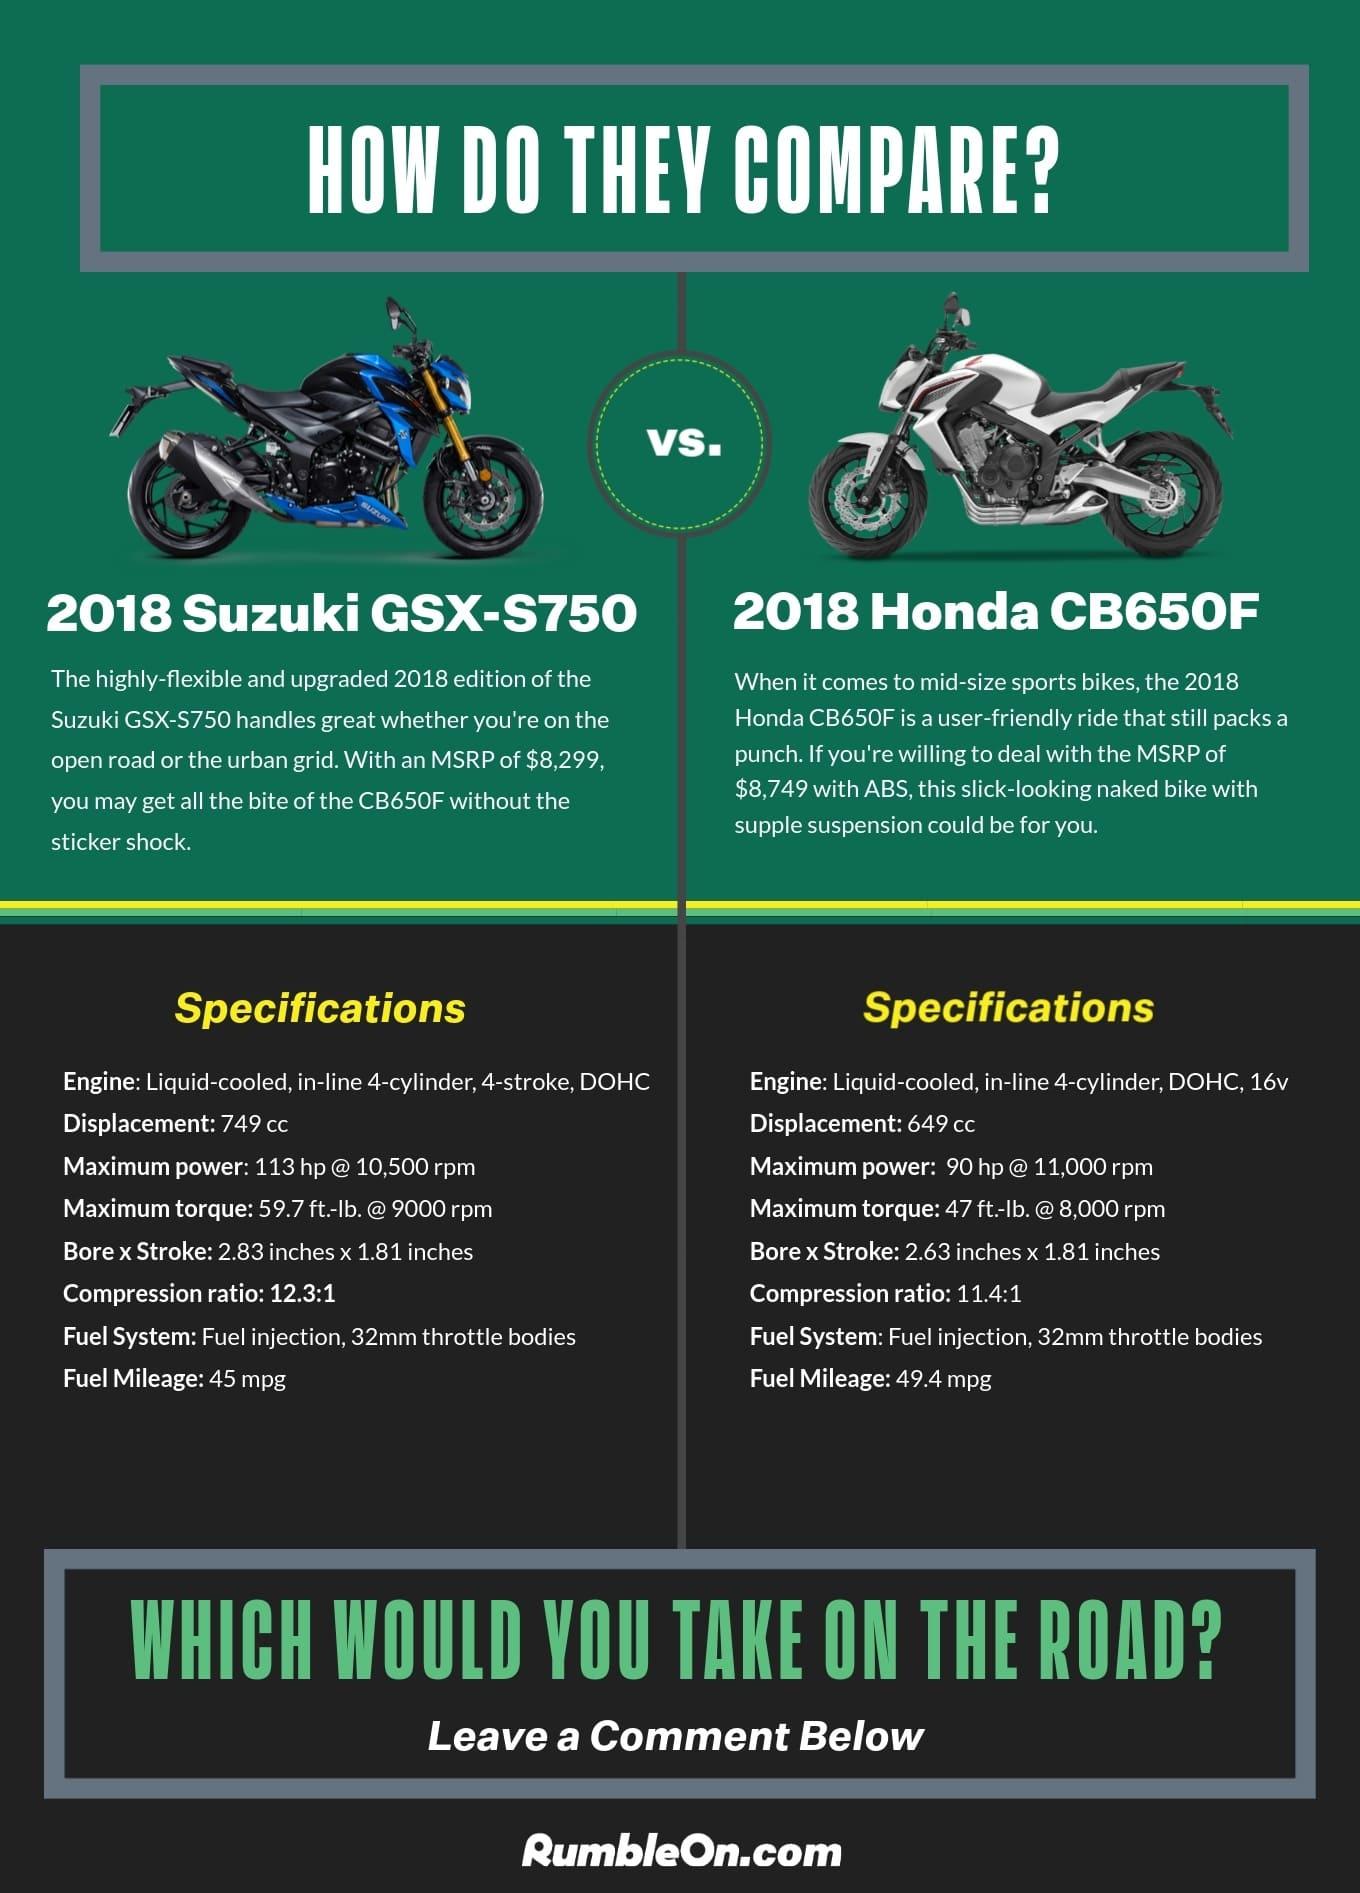 Honda CB650F vs. Suzuki GSX S750